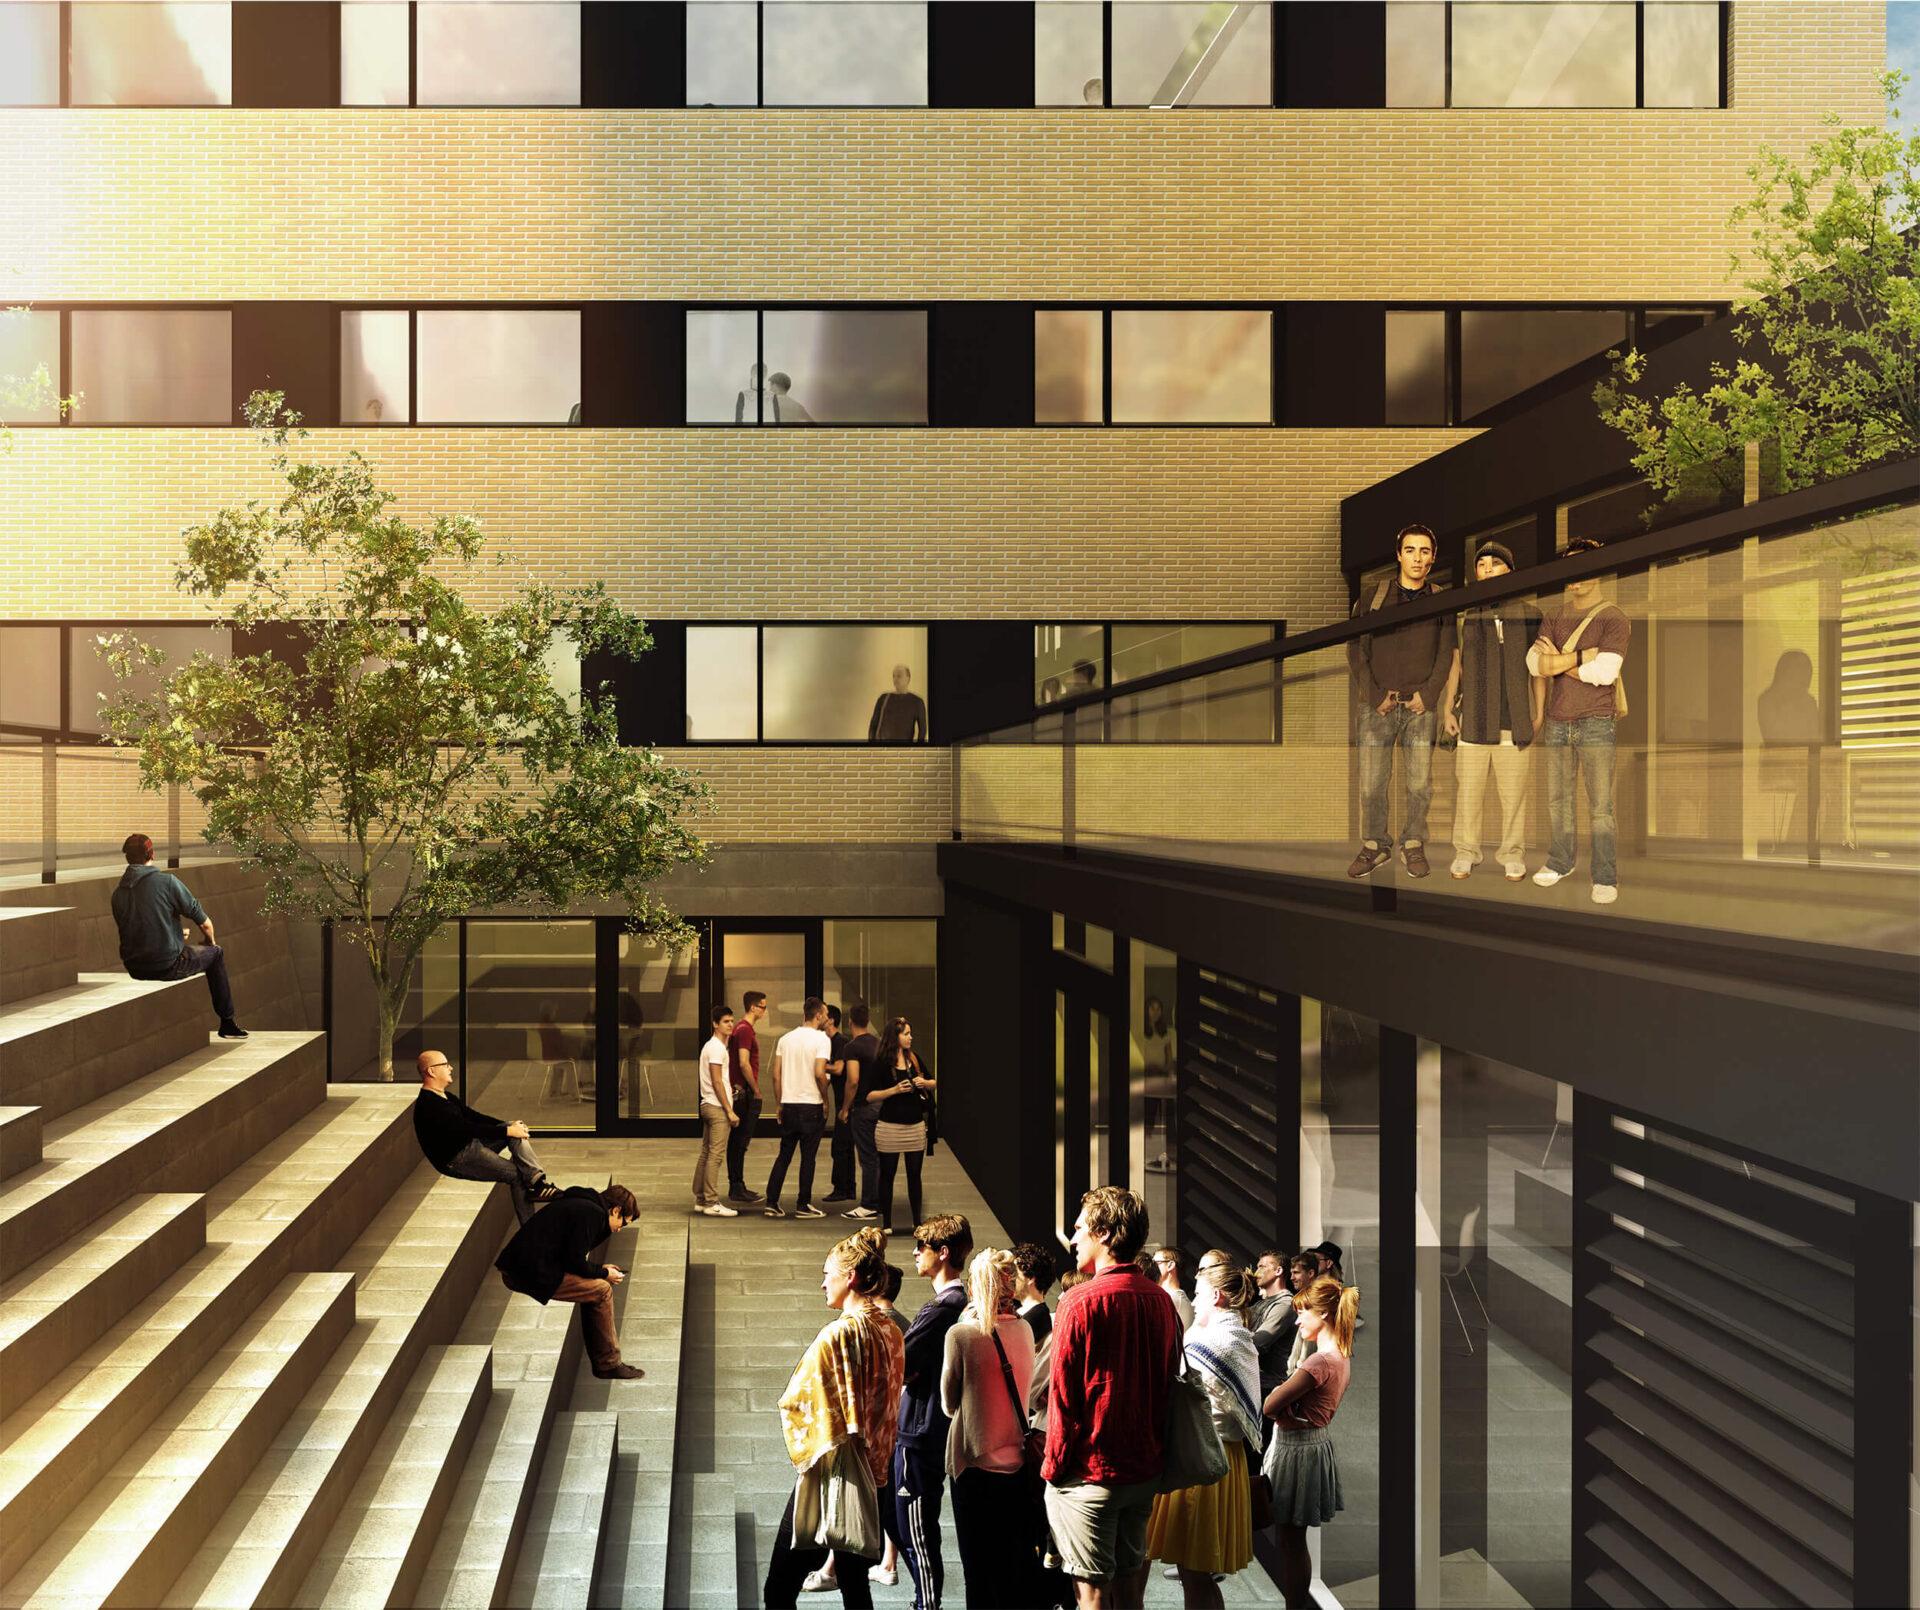 Den Jyske Højskole